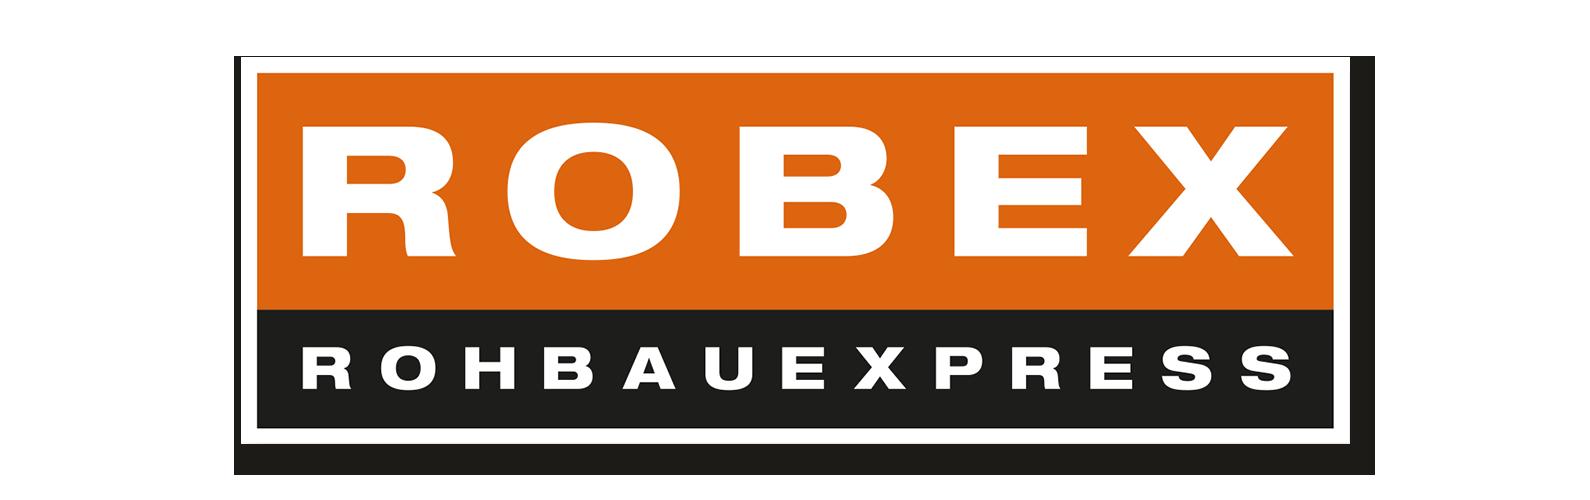 01_Robex